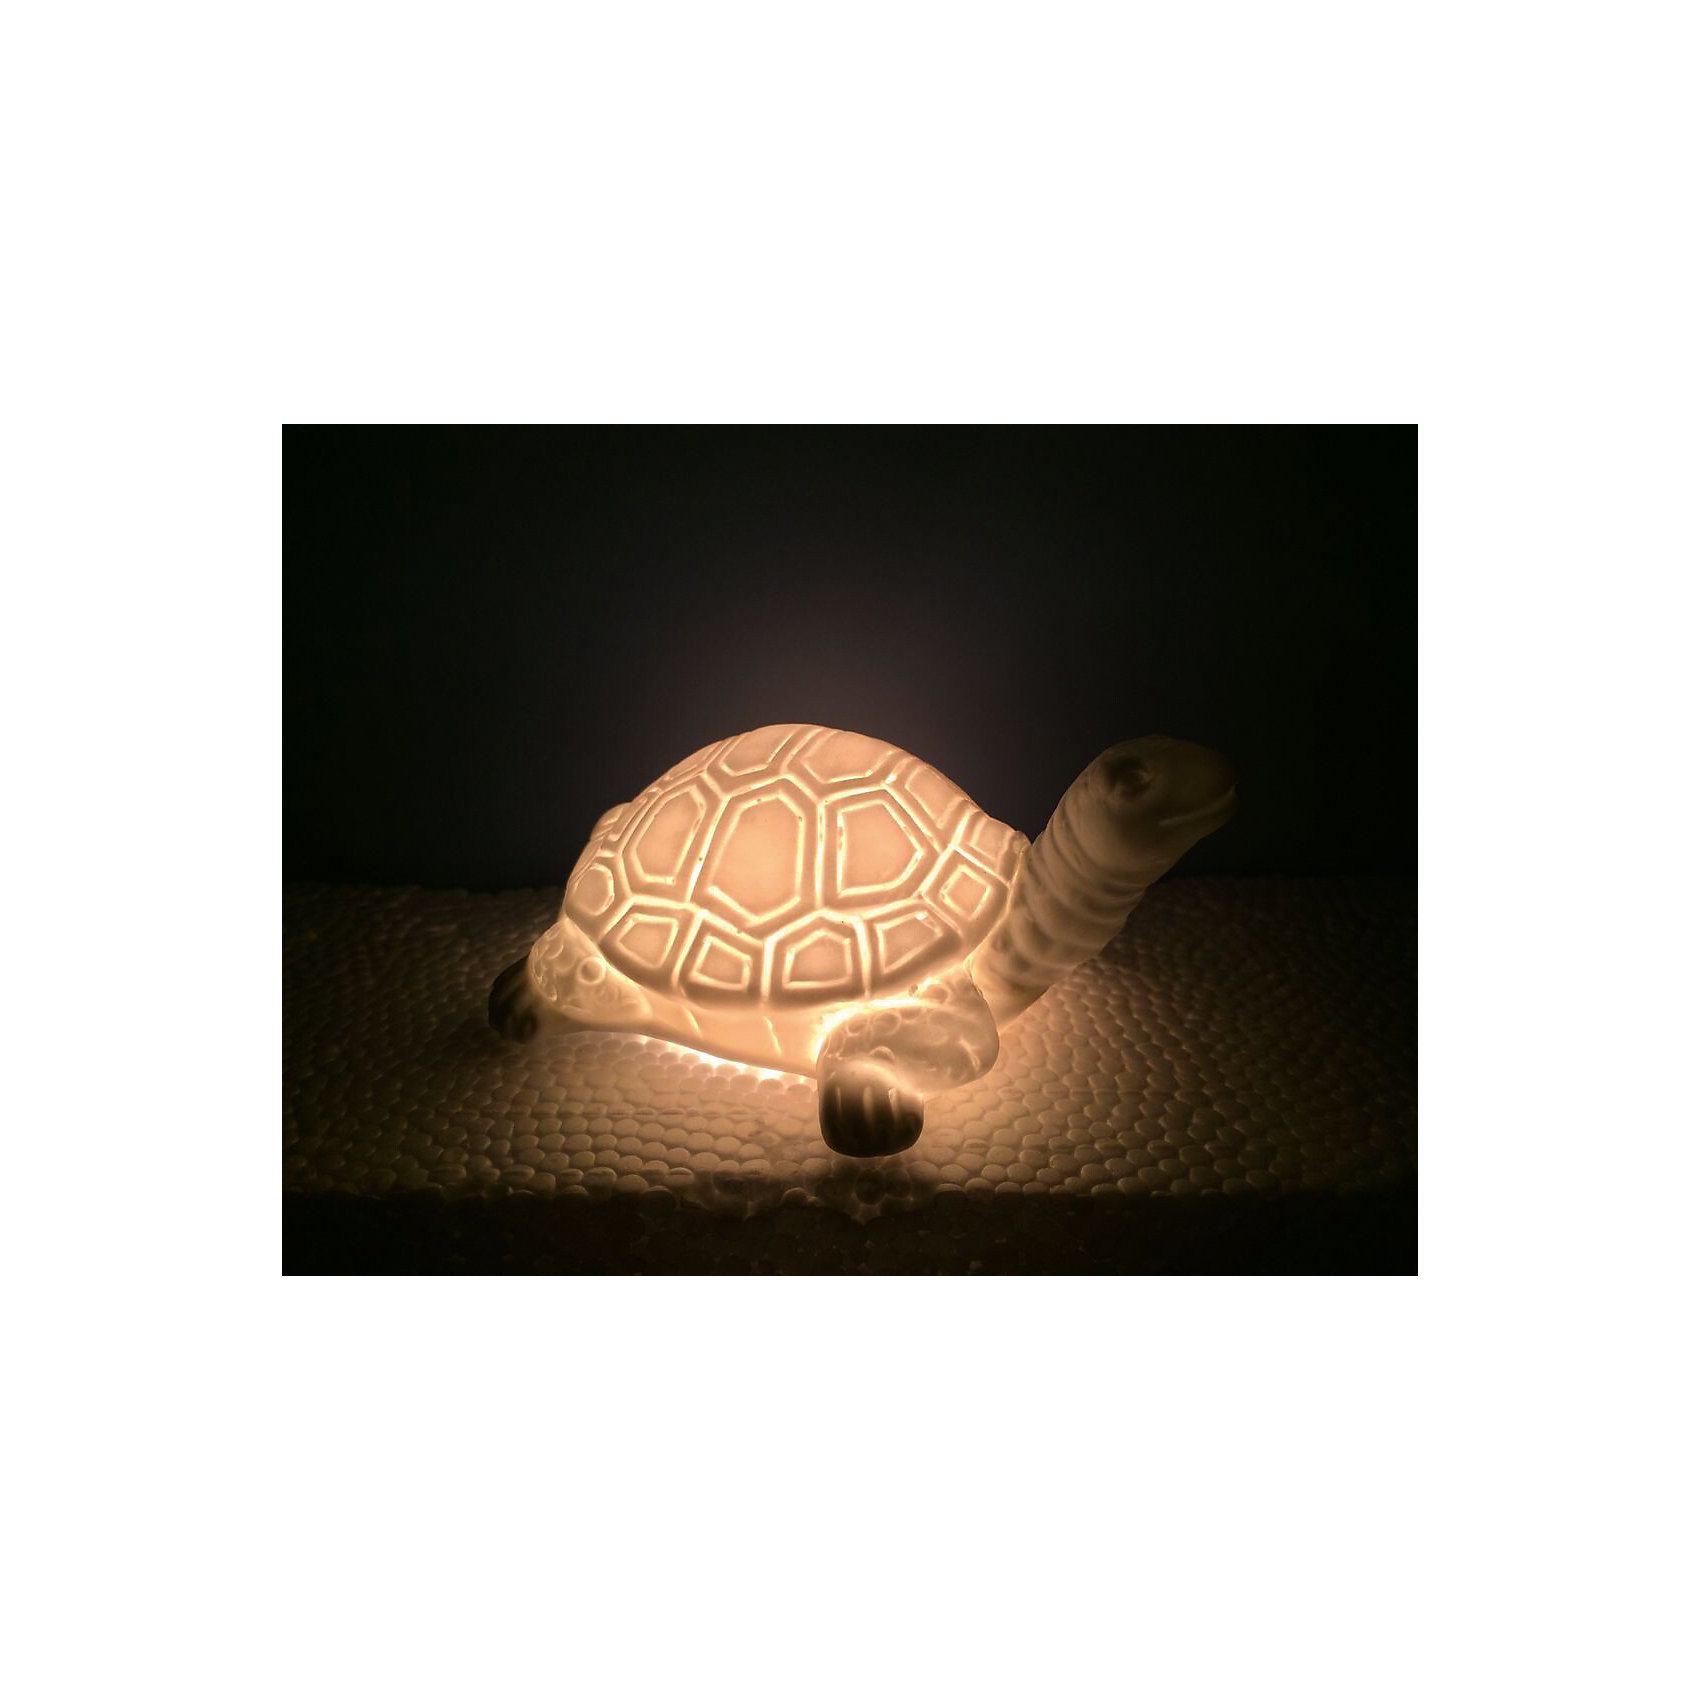 Лампа настольная Черепаха, электрическая из фарфора, Феникс-ПрезентЛампа настольная Черепаха, электрическая из фарфора, Феникс-Презент<br><br>Характеристики:<br><br>• красивый светильник в форме черепахи<br>• лампа накаливания 220-250 В, 50 Гц<br>• материал: фарфор<br>• размер: 18х10х11 см<br><br>Светильник Черепаха наполнит помещение мягким светом и всегда будет радовать глаз. Лампа изготовлена из фарфора, в виде утки. Небольшой размер позволяет использовать светильник в любом помещении и для украшения интерьера.<br><br>Лампу настольную Черепаха, электрическую из фарфора, Феникс-Презент вы можете купить в нашем интернет-магазине.<br><br>Ширина мм: 450<br>Глубина мм: 450<br>Высота мм: 350<br>Вес г: 9400<br>Возраст от месяцев: 120<br>Возраст до месяцев: 2147483647<br>Пол: Унисекс<br>Возраст: Детский<br>SKU: 5449755